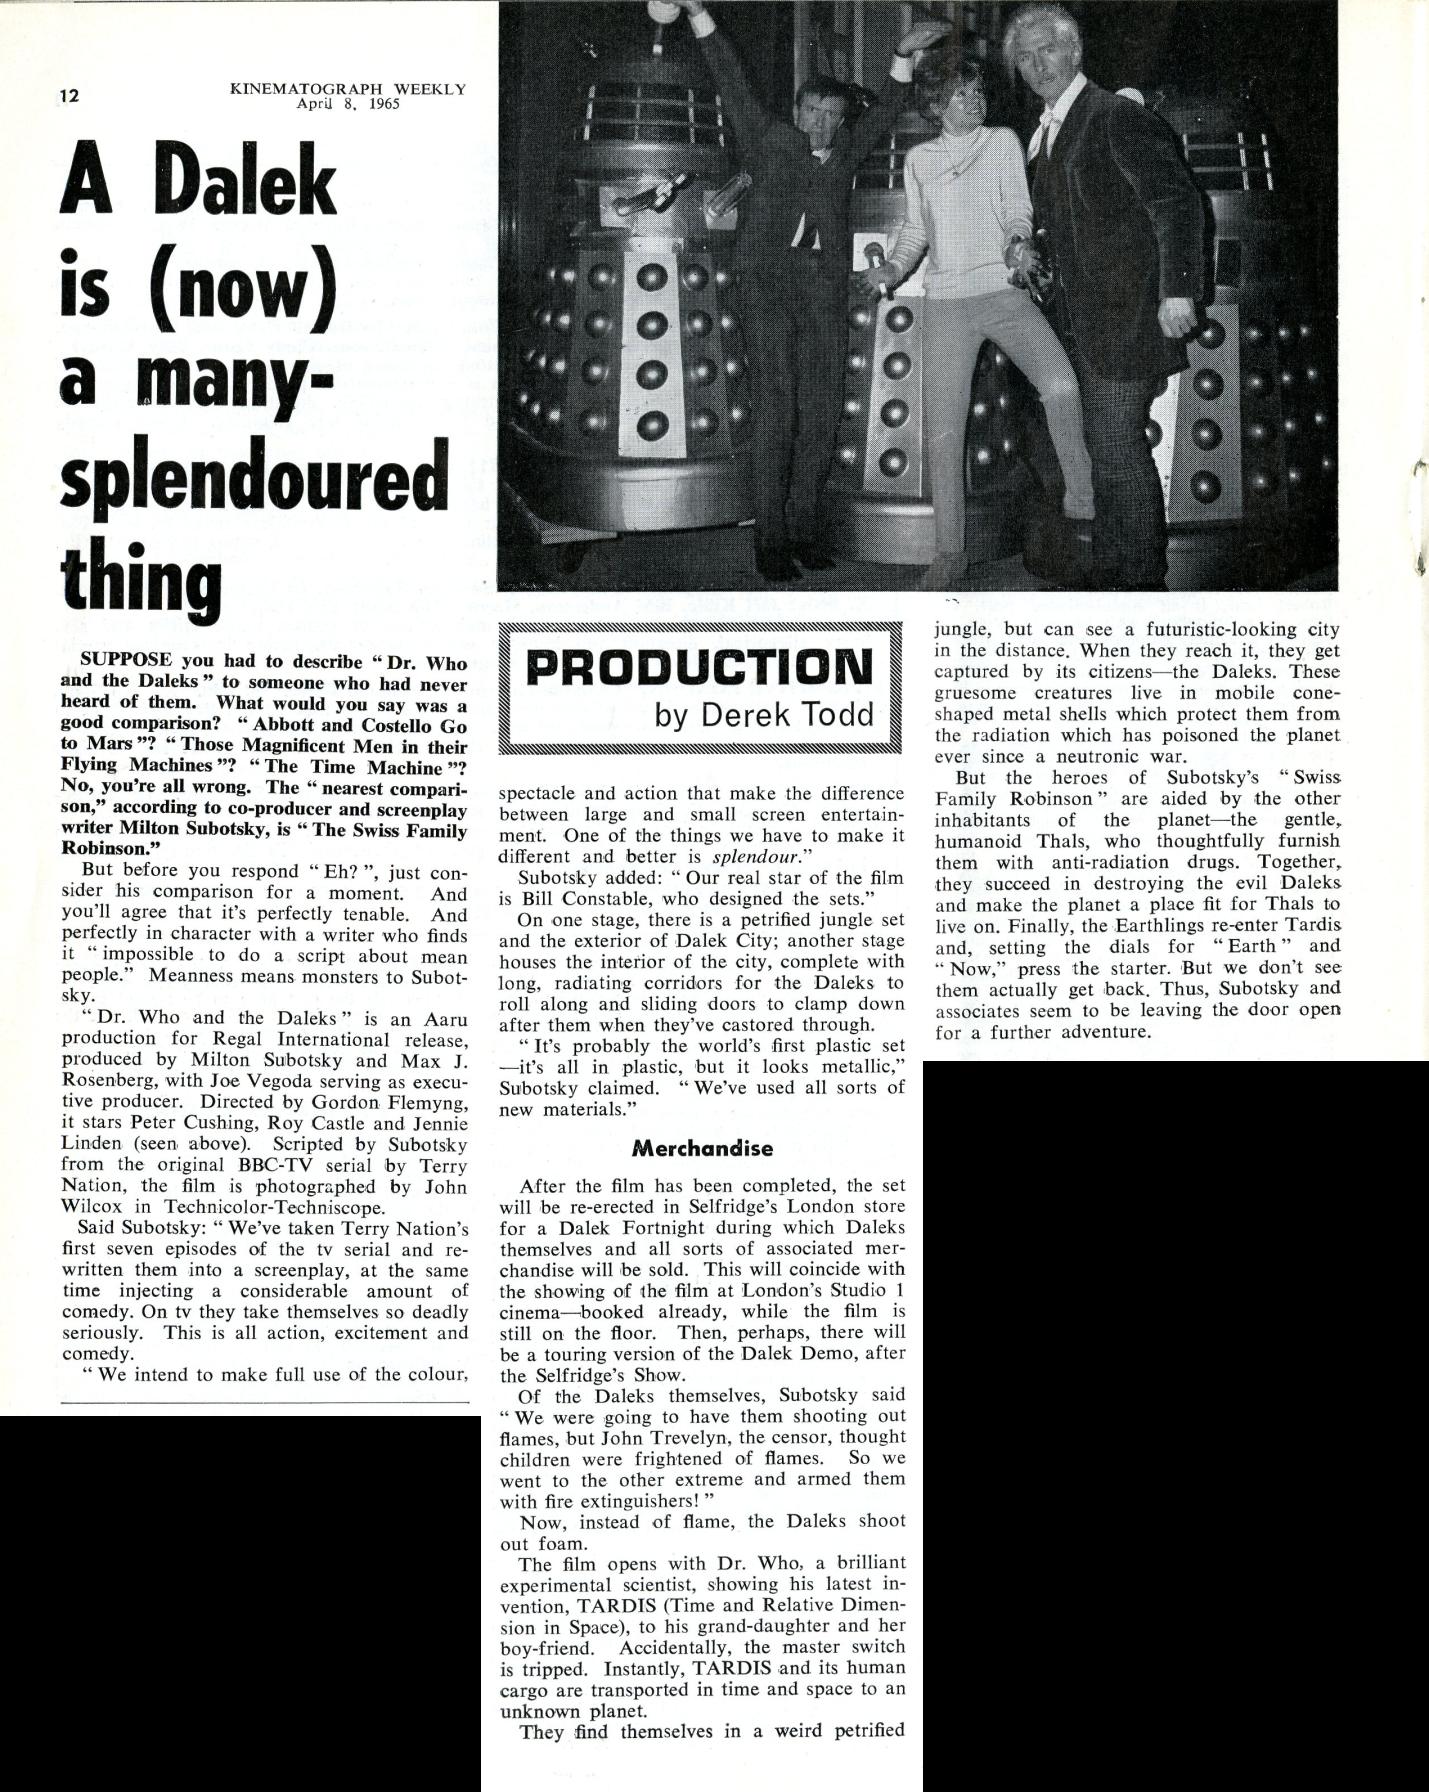 Kine Weekly, 8 April 1965